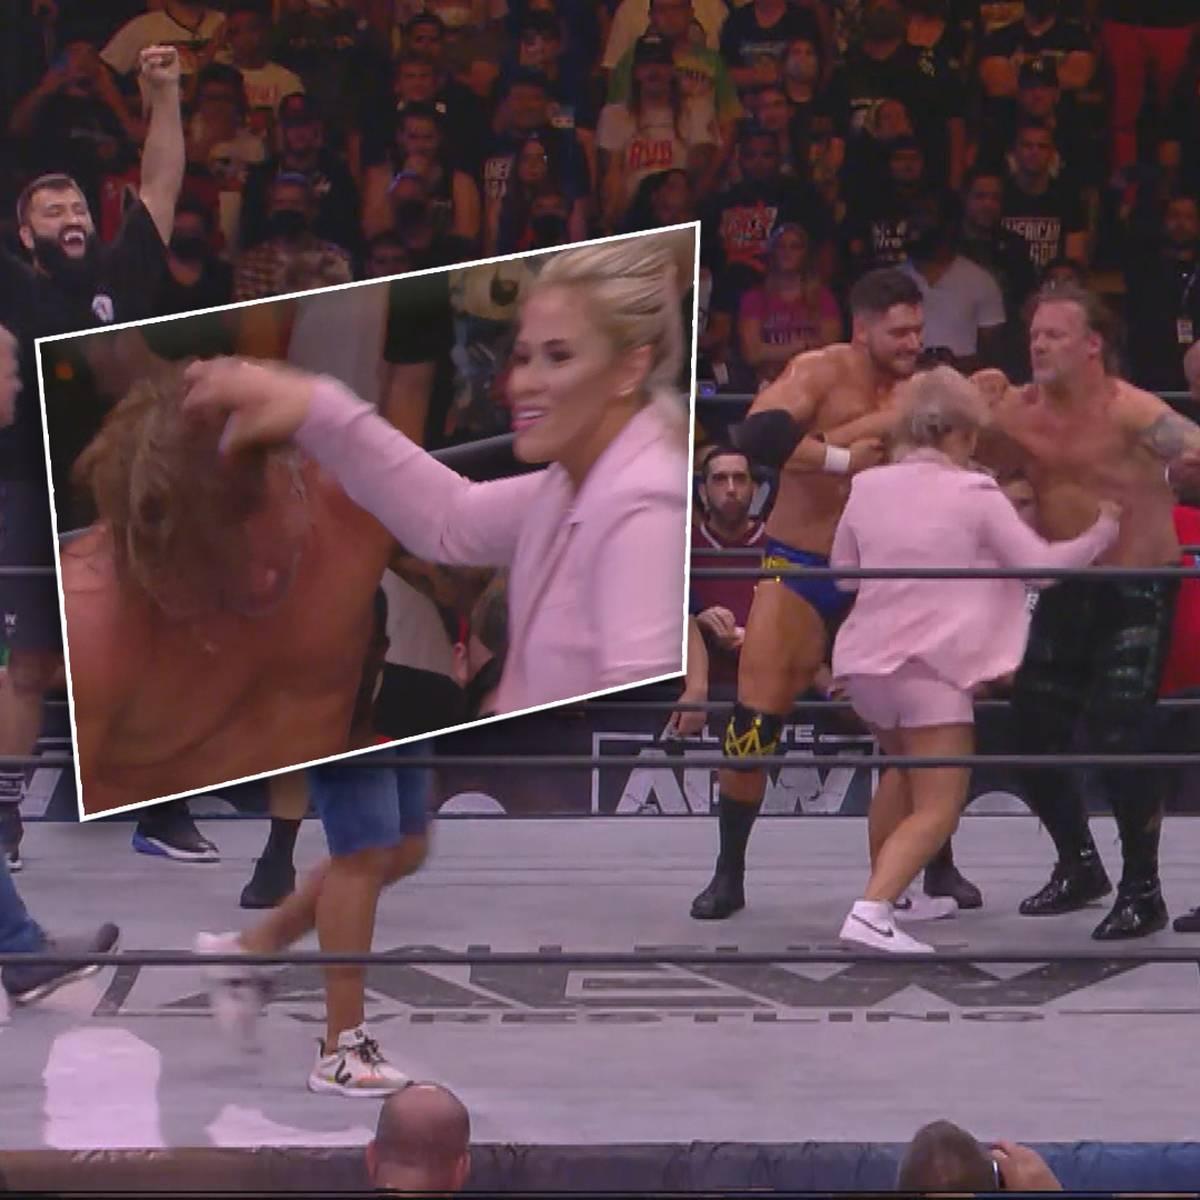 Debüt-Auftritt! Hier demütigt Paige VanZant eine Wrestling-Legende